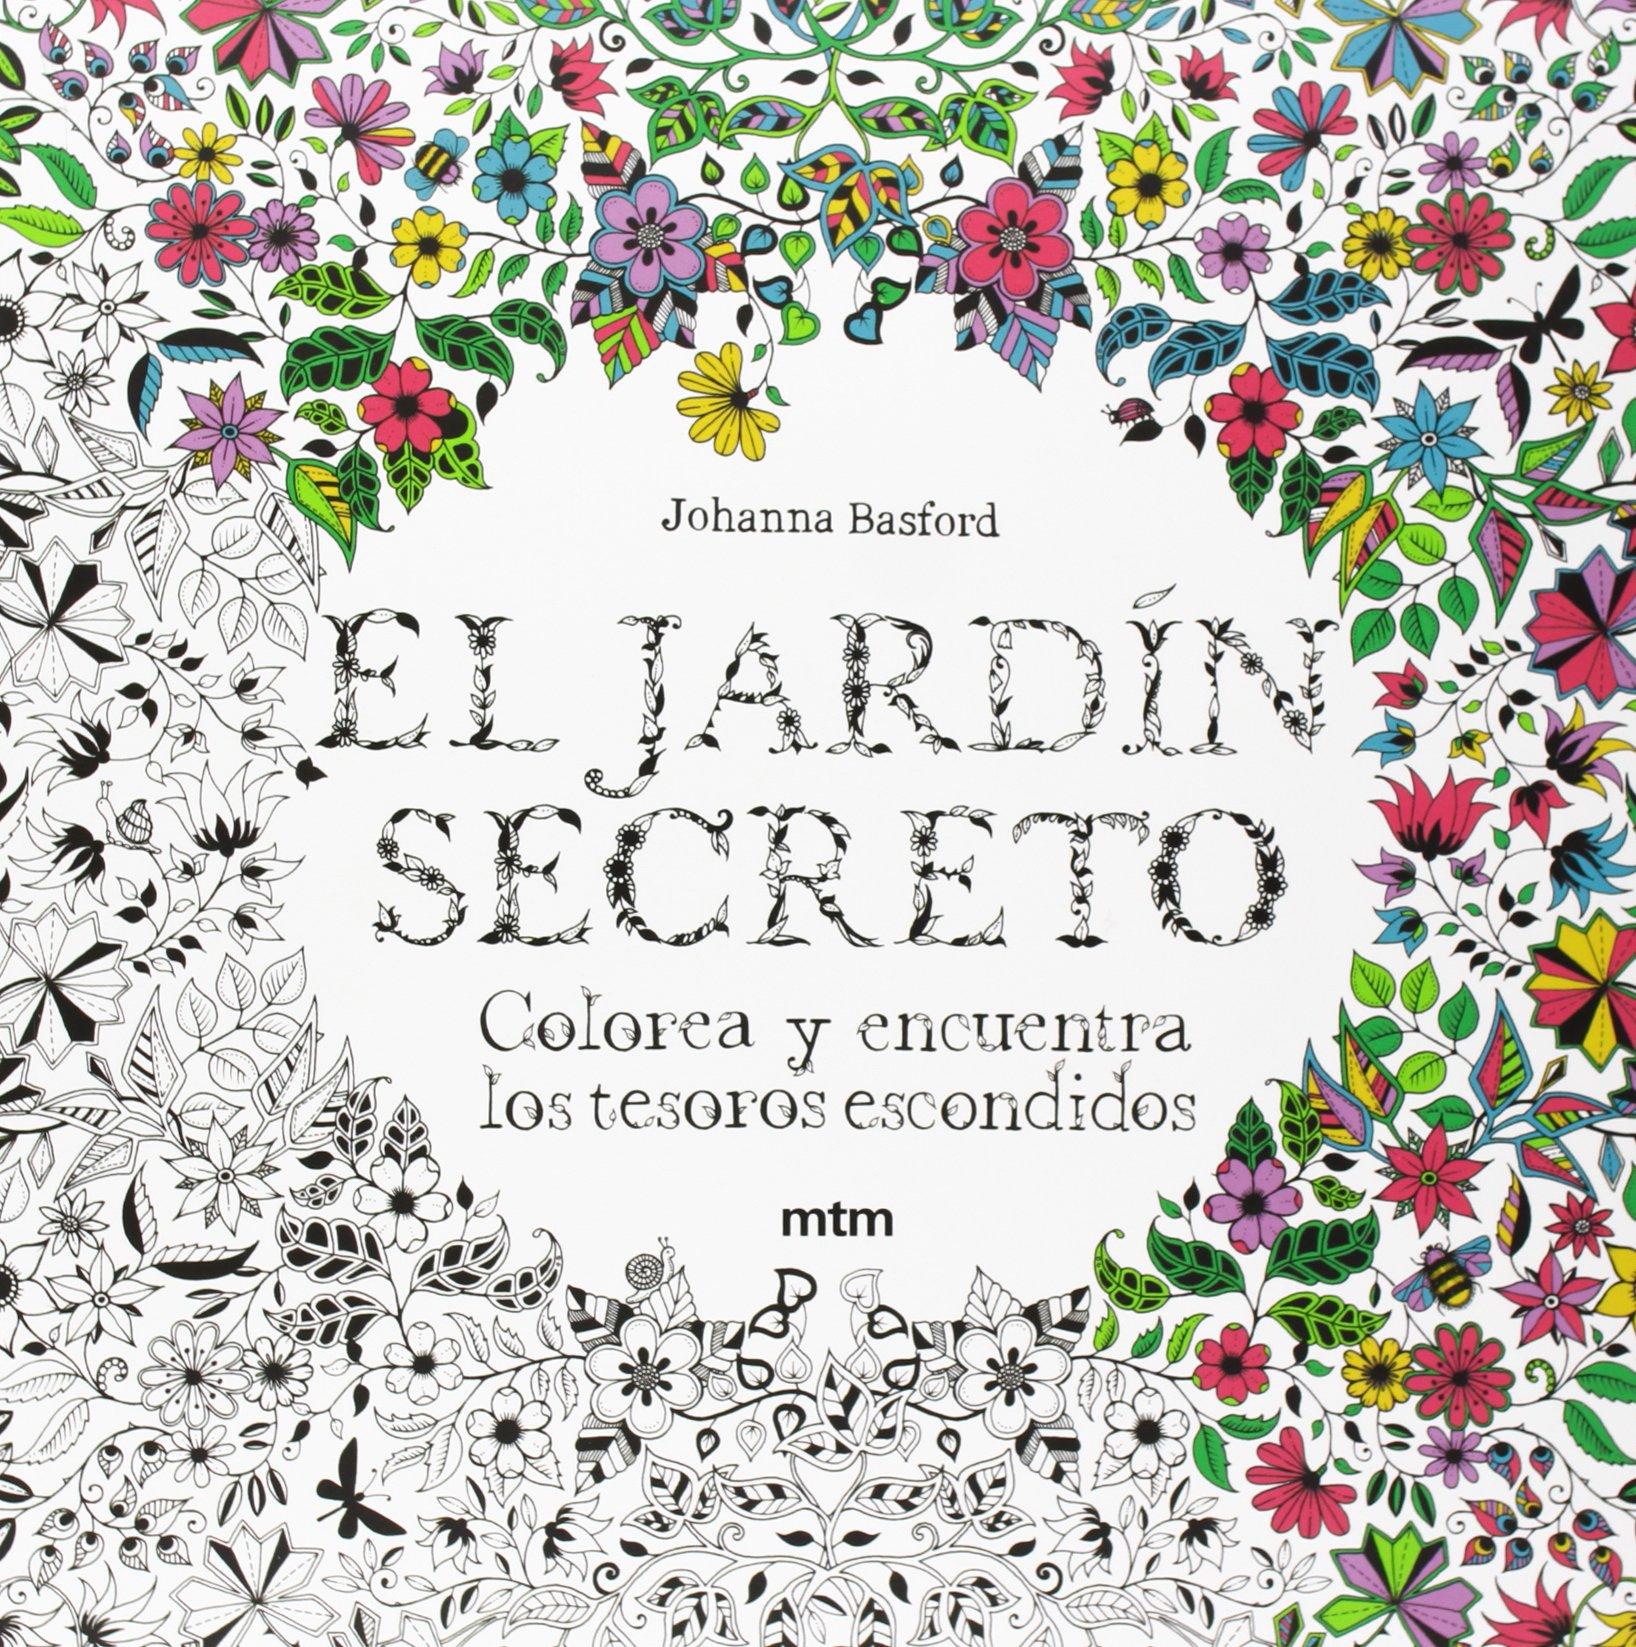 El Jardín Secreto Colorea Y Encuentra Los Tesoros Escondidos Spanish Edition Basford Johanna 9788415278498 Books